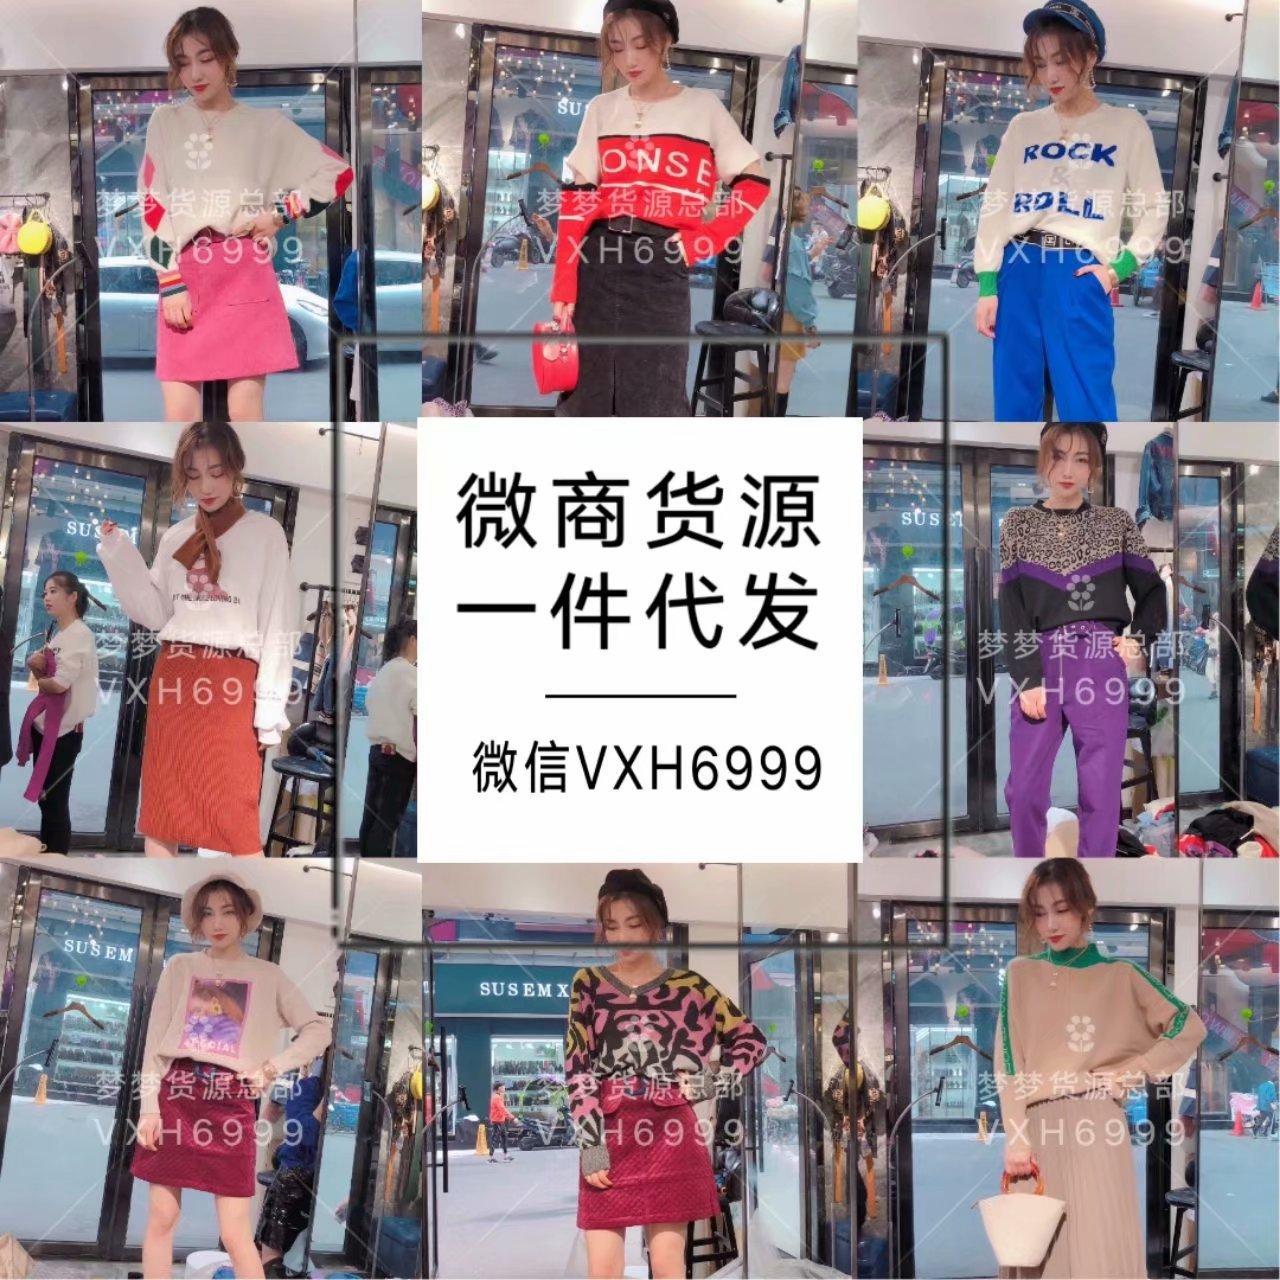 微商热门项目 女装童装一手货源,教精准引流方法